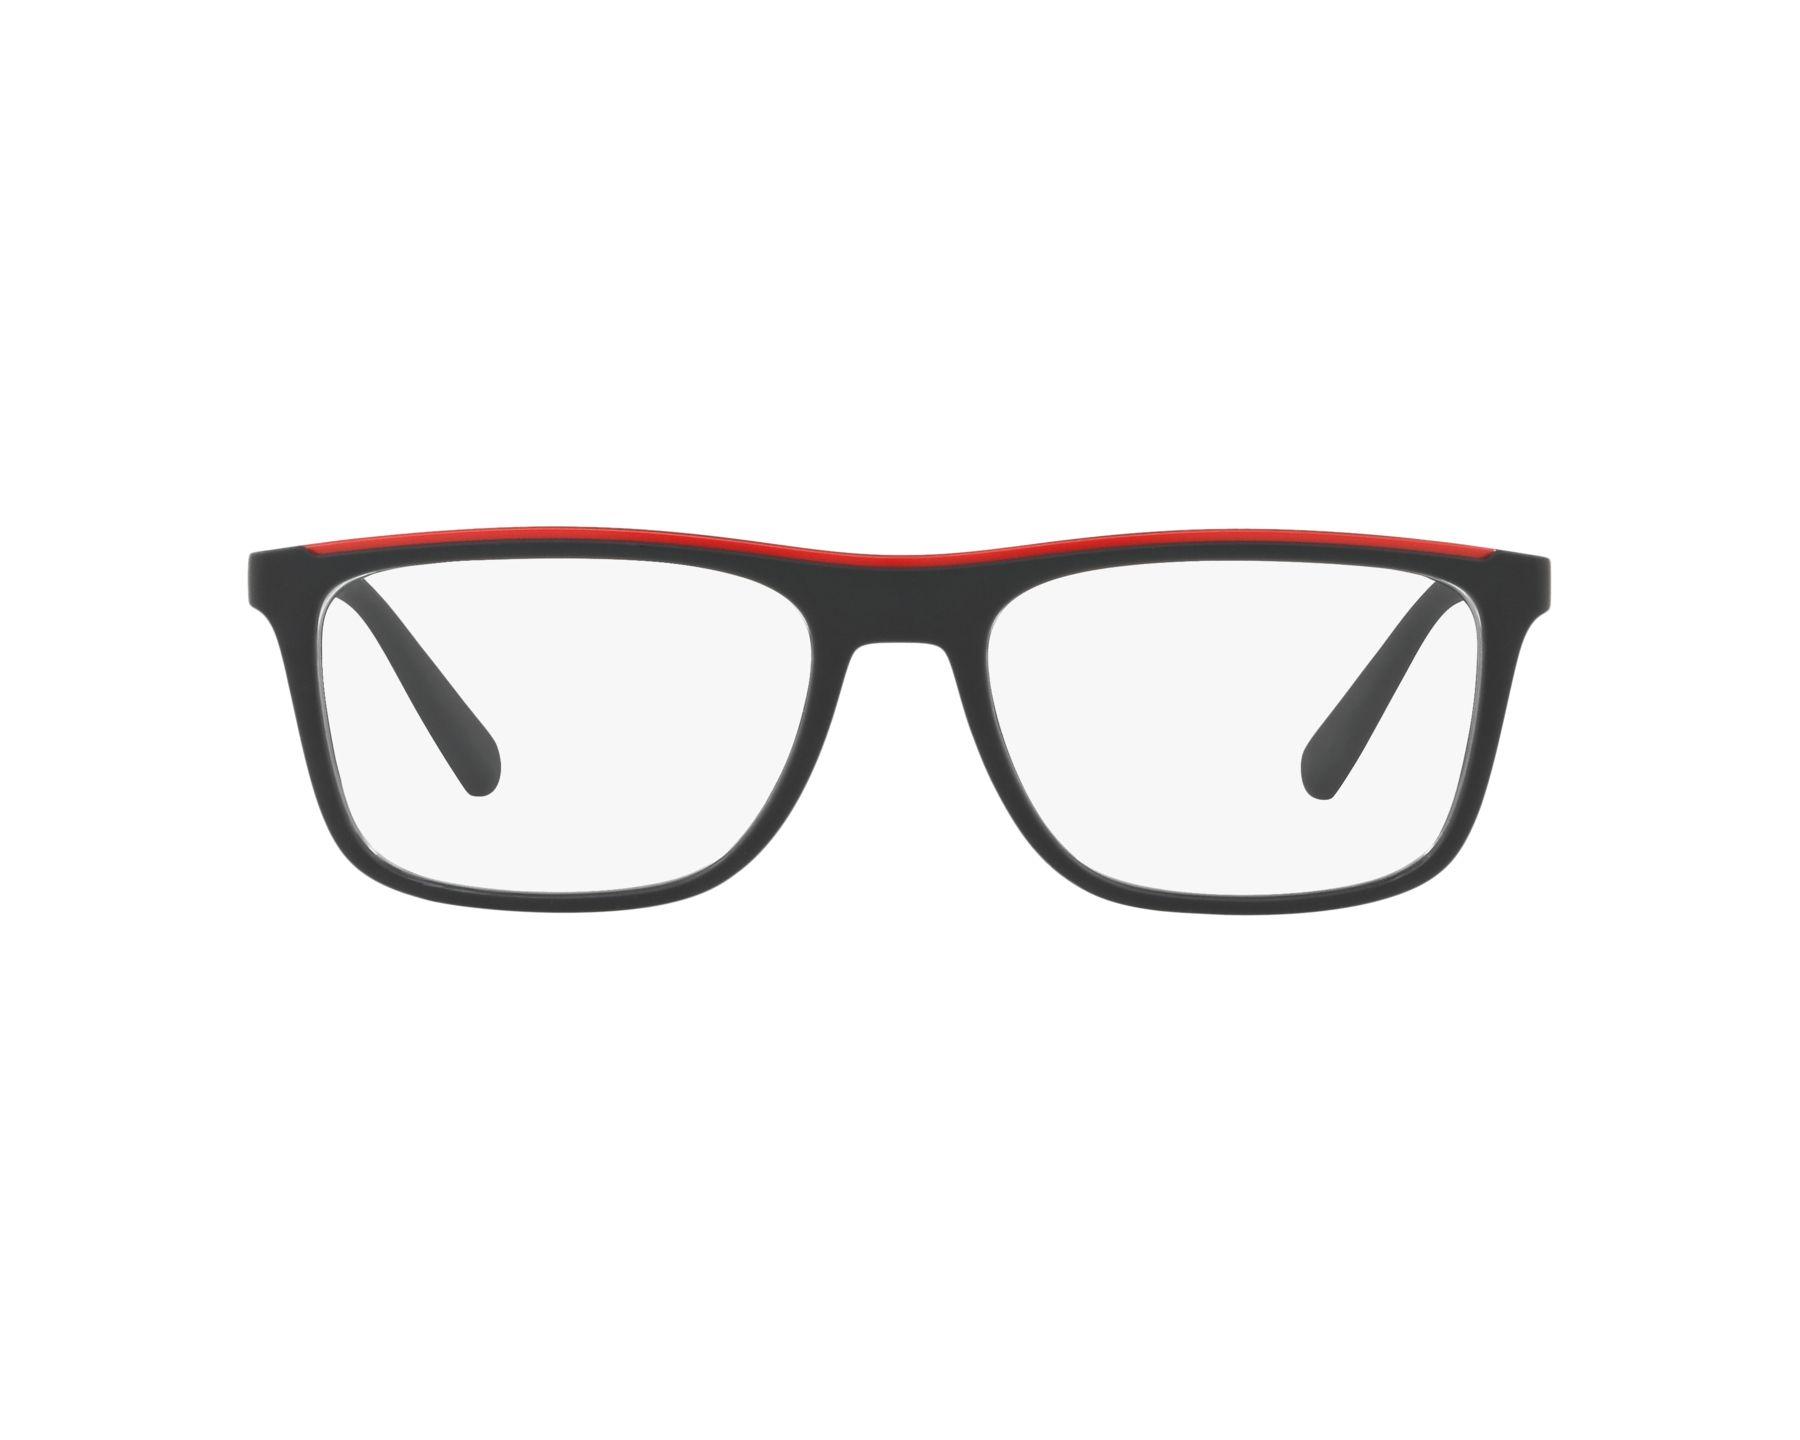 Emporio Armani Herren Brille » EA3124«, schwarz, 5042 - schwarz